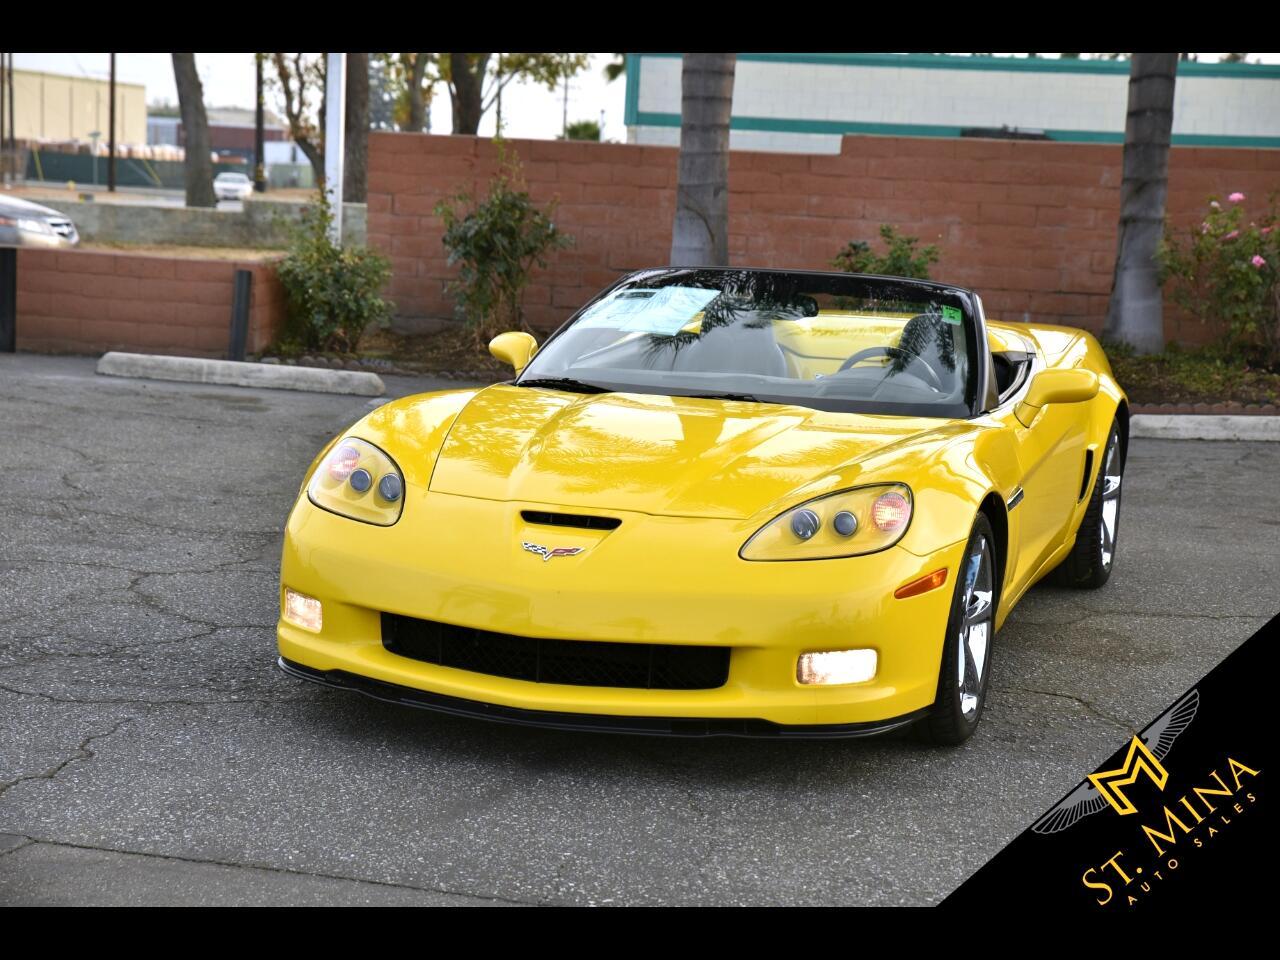 2011 Chevrolet Corvette Grand Sport Convertible 4LT